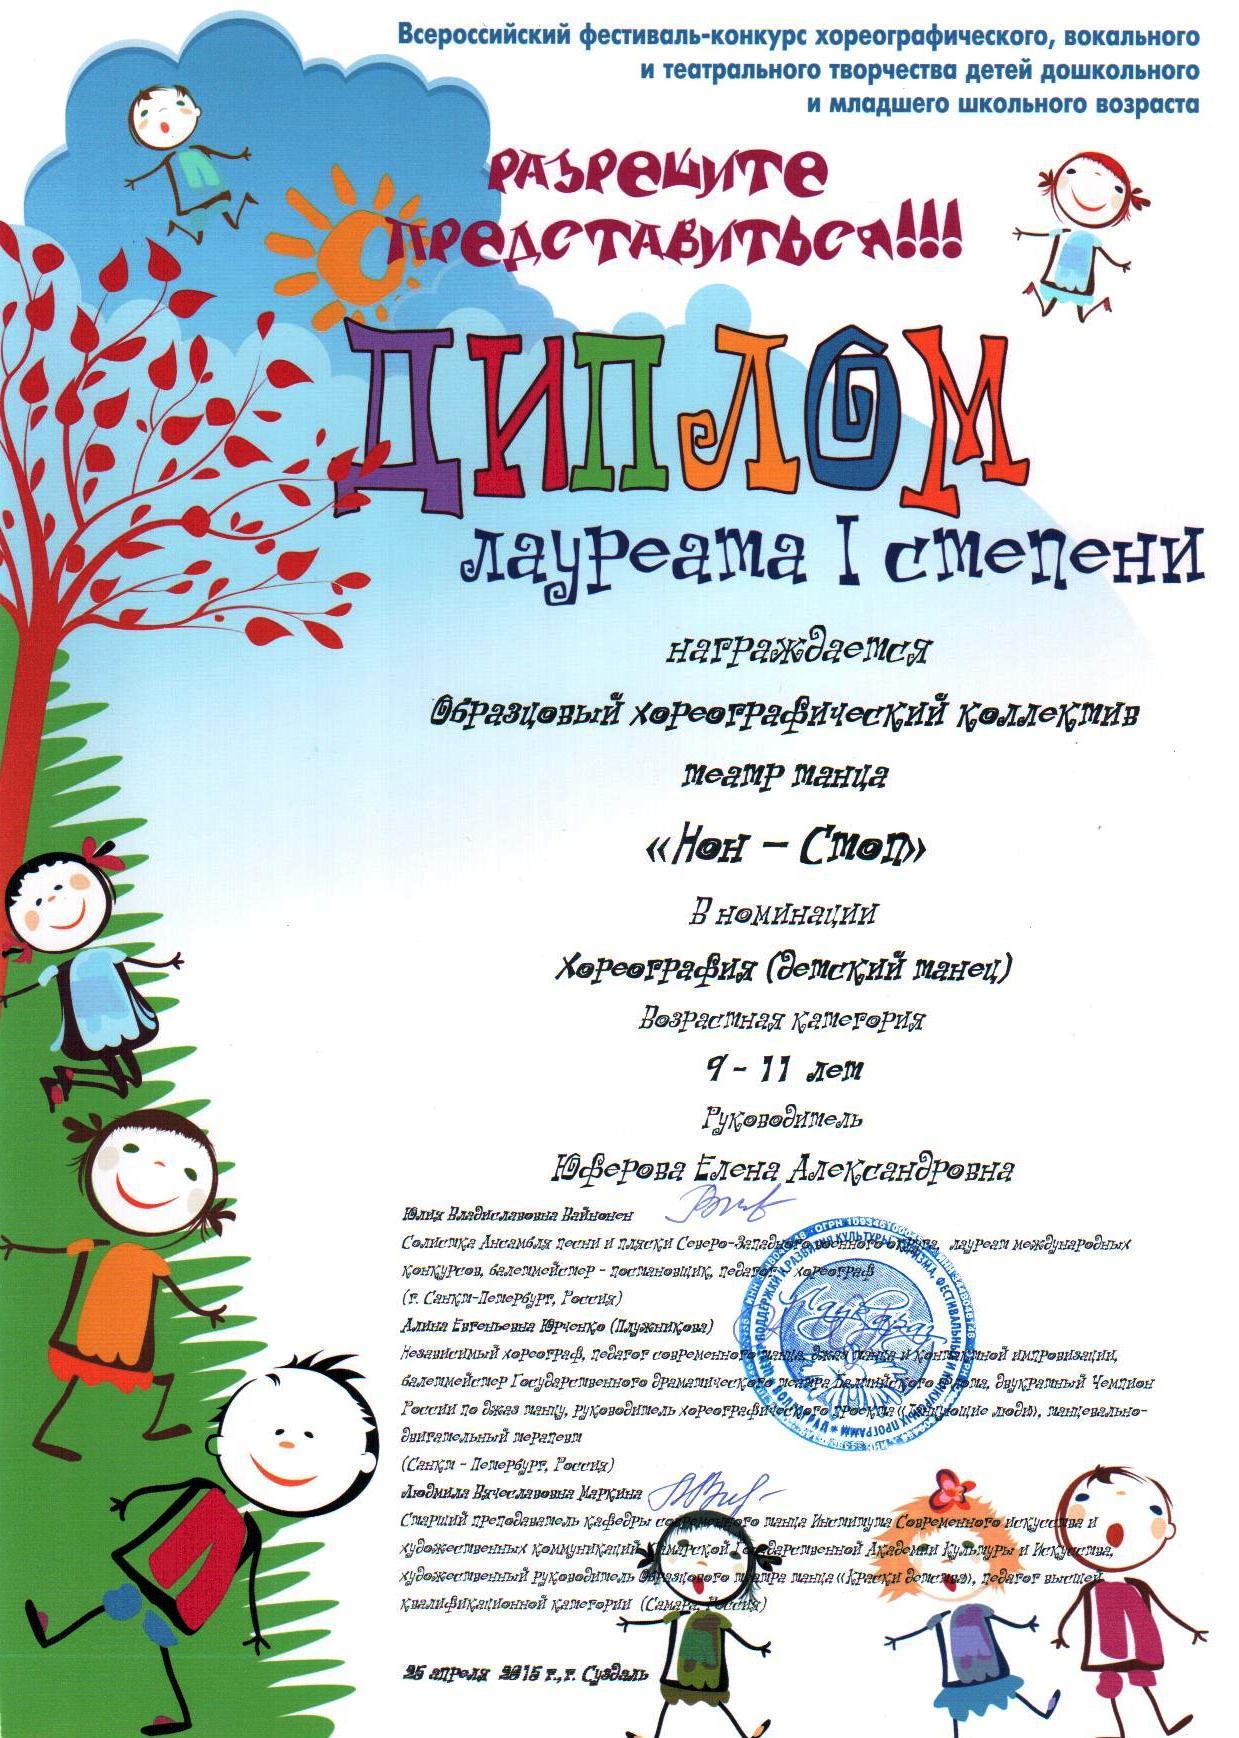 Всероссийские конкурсы дошкольного детского творчества